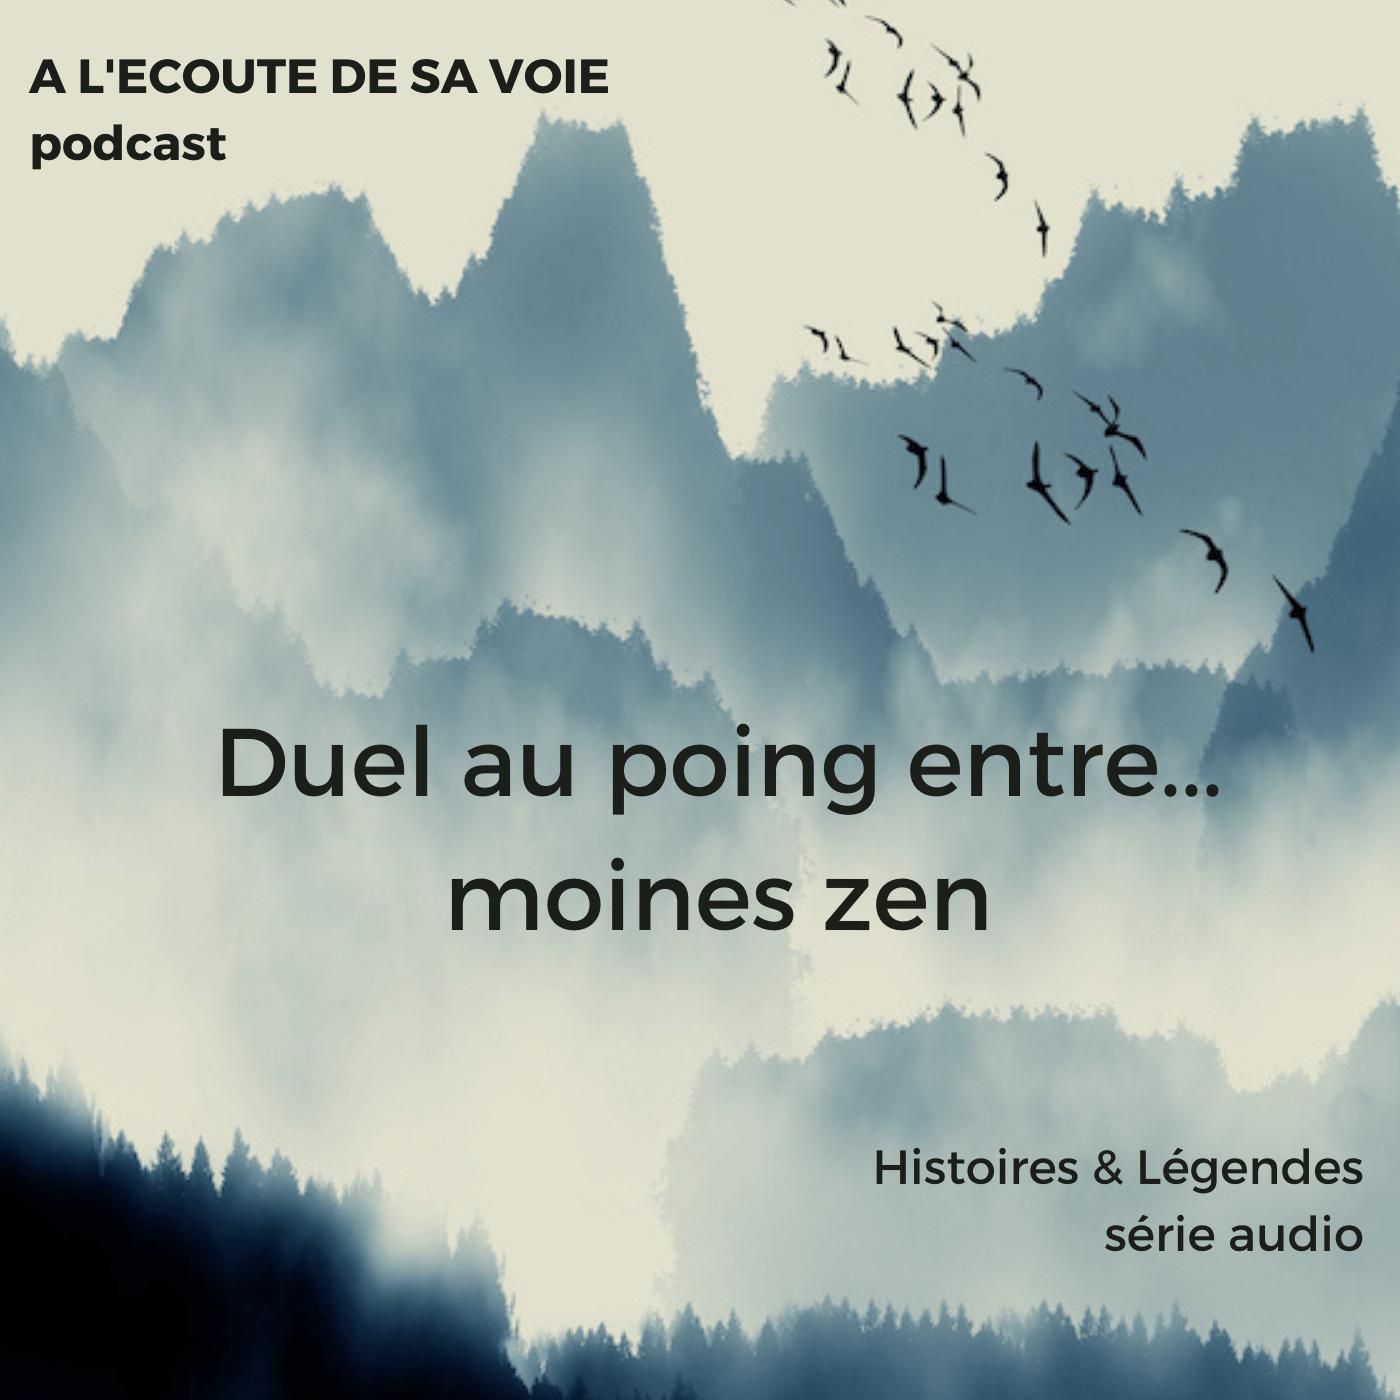 HORS SERIE : Duel au poing entre... moines zen